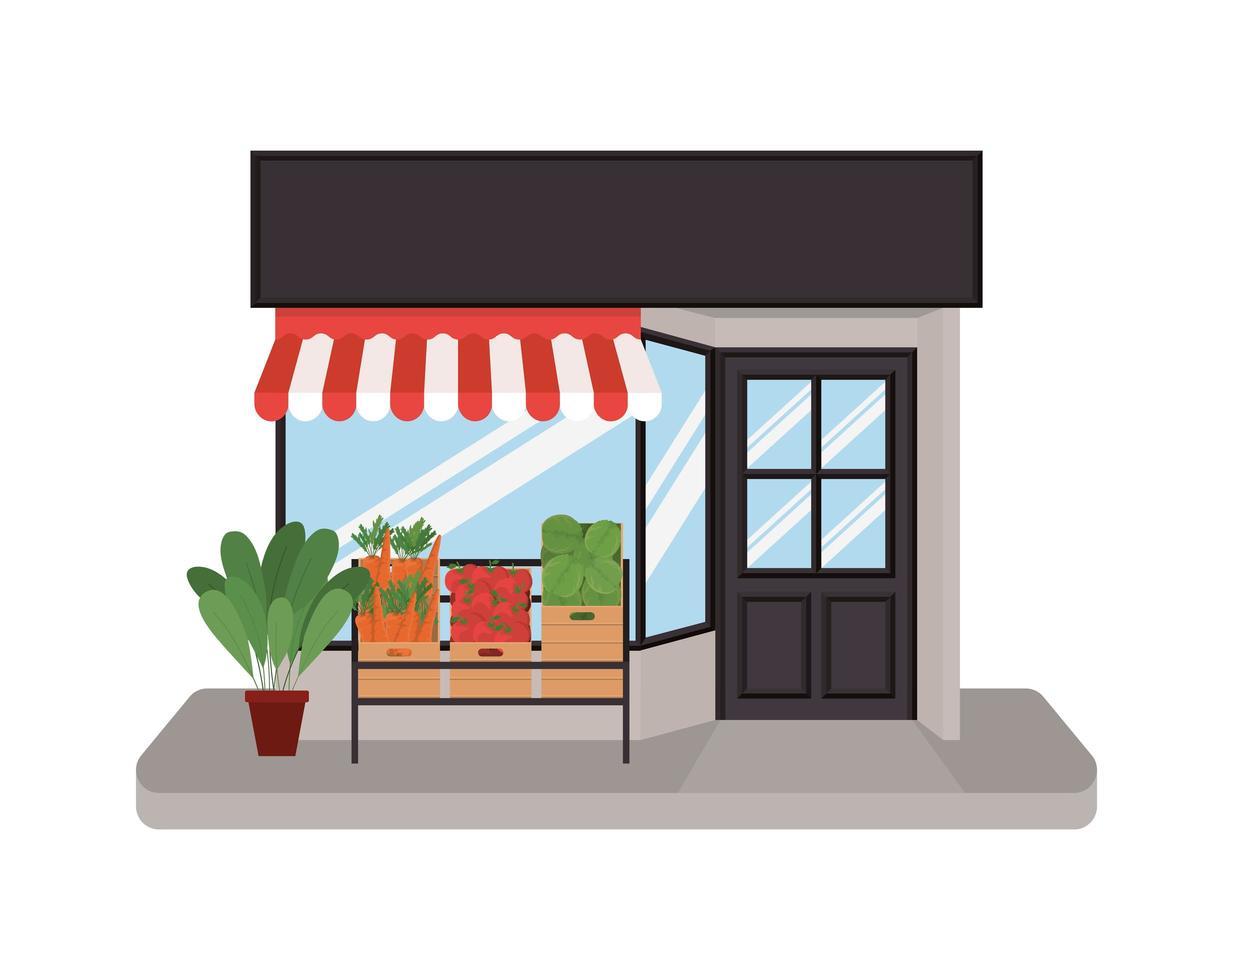 magasin avec tente et légumes dans des boîtes vecteur